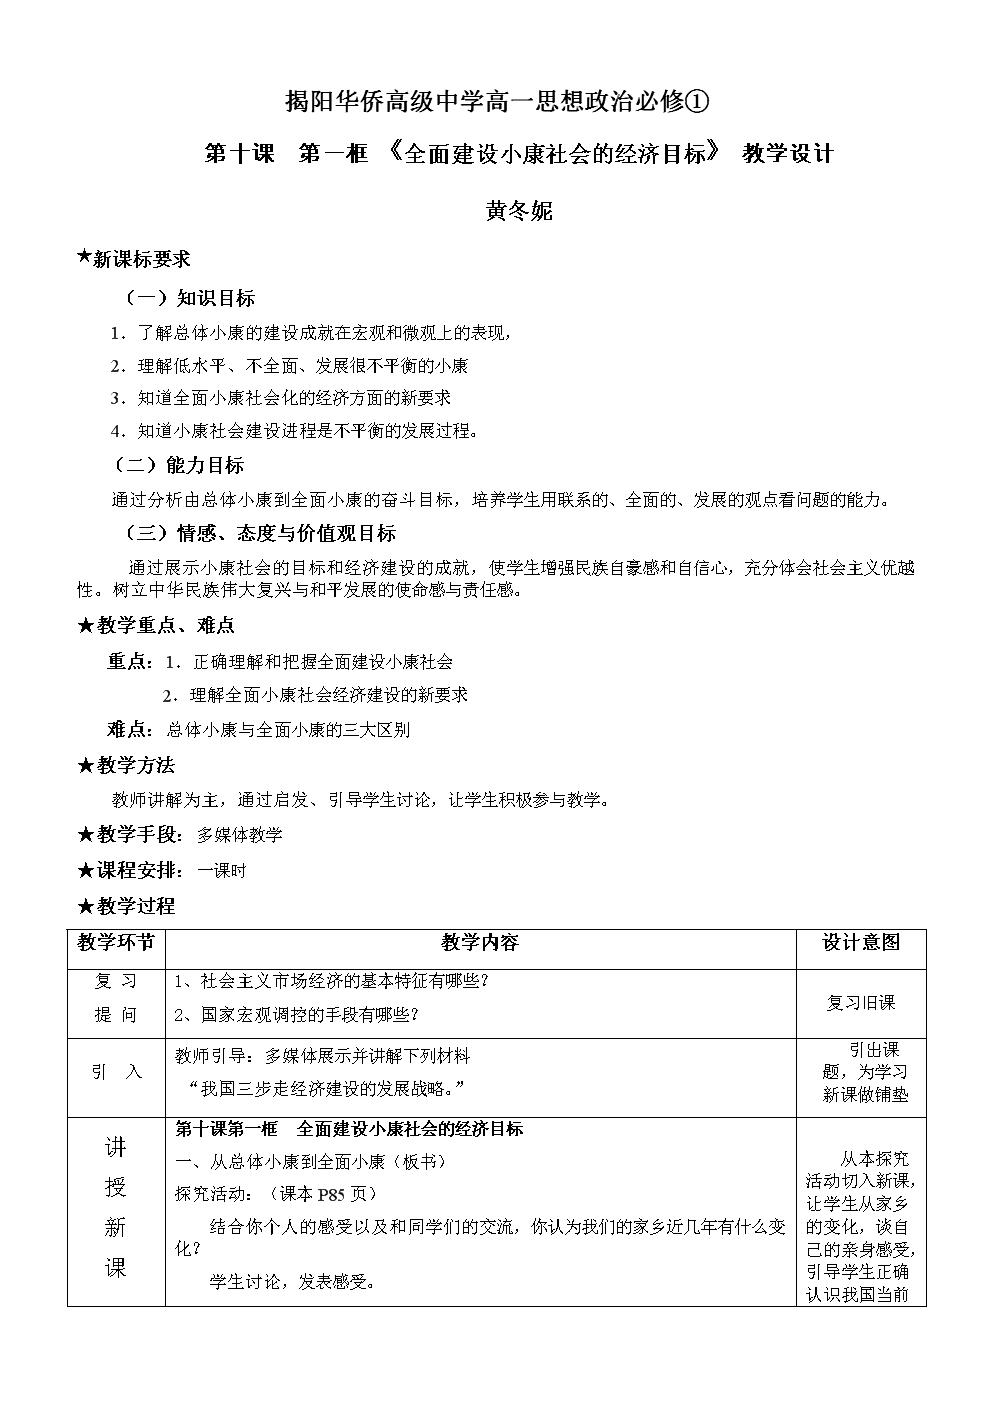 揭阳华侨高级中学全面建设小康社会的经济目标word教案.doc